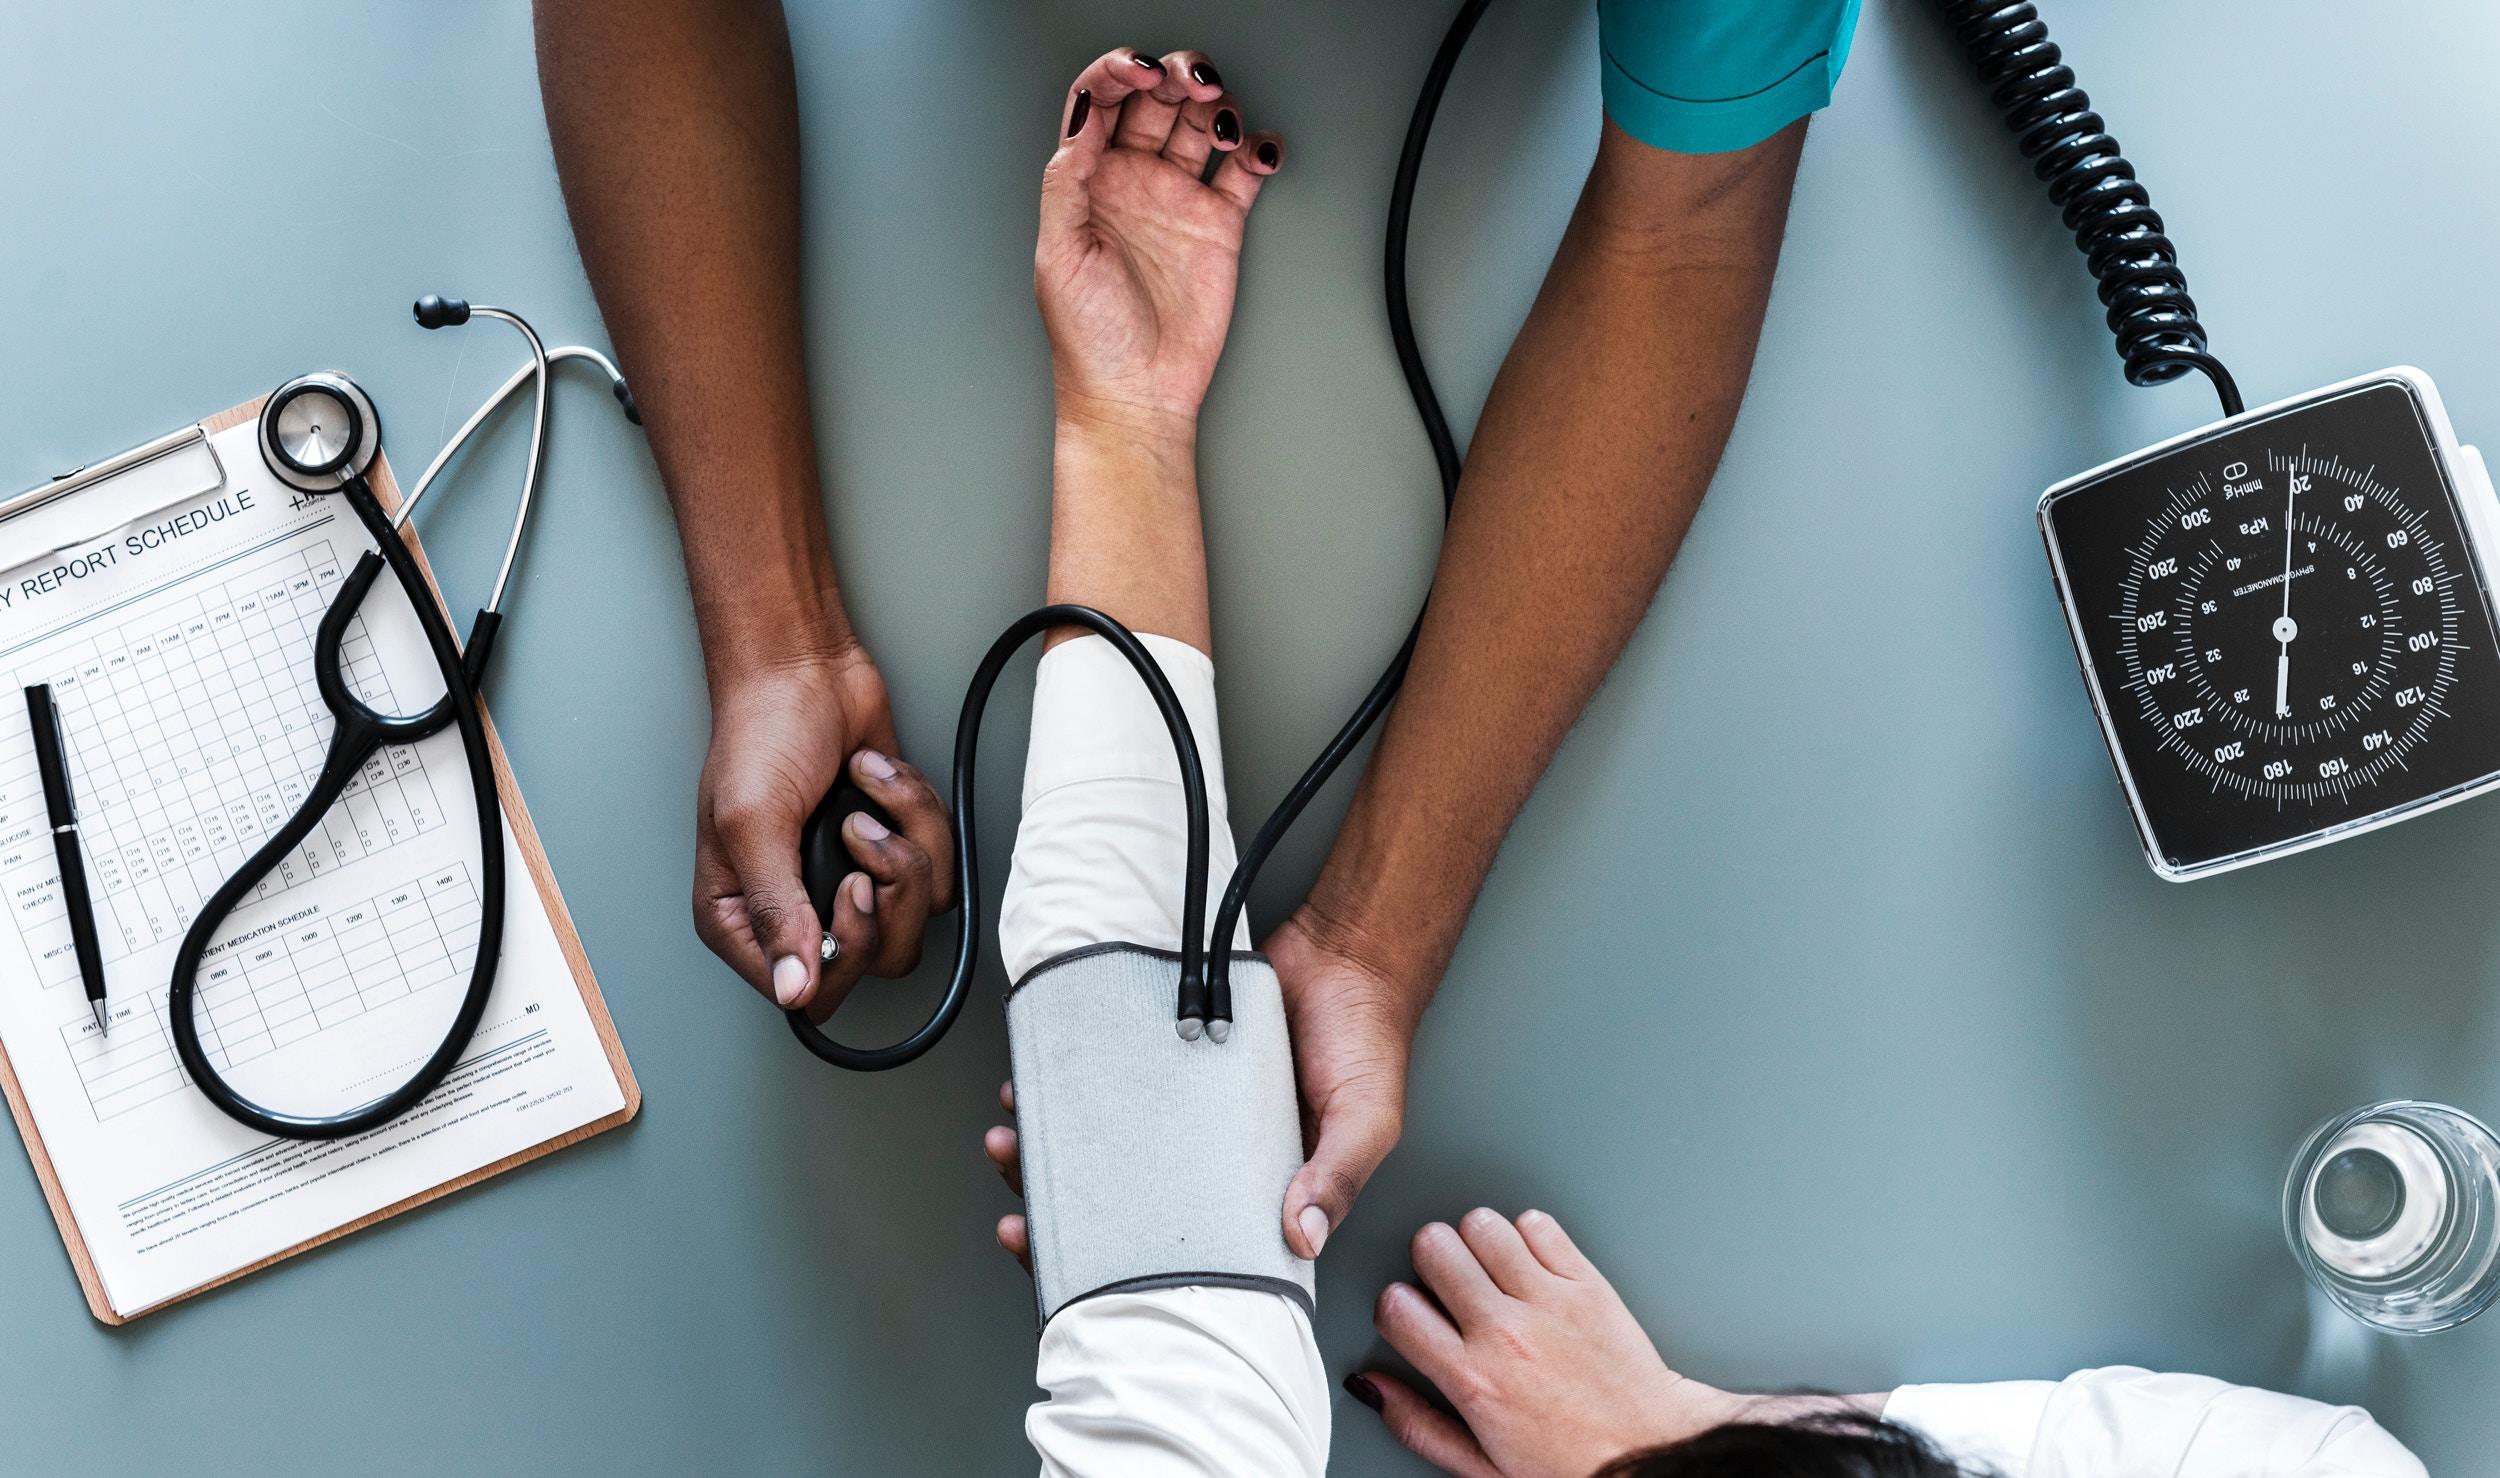 Comment devenir infirmier/infirmière ?